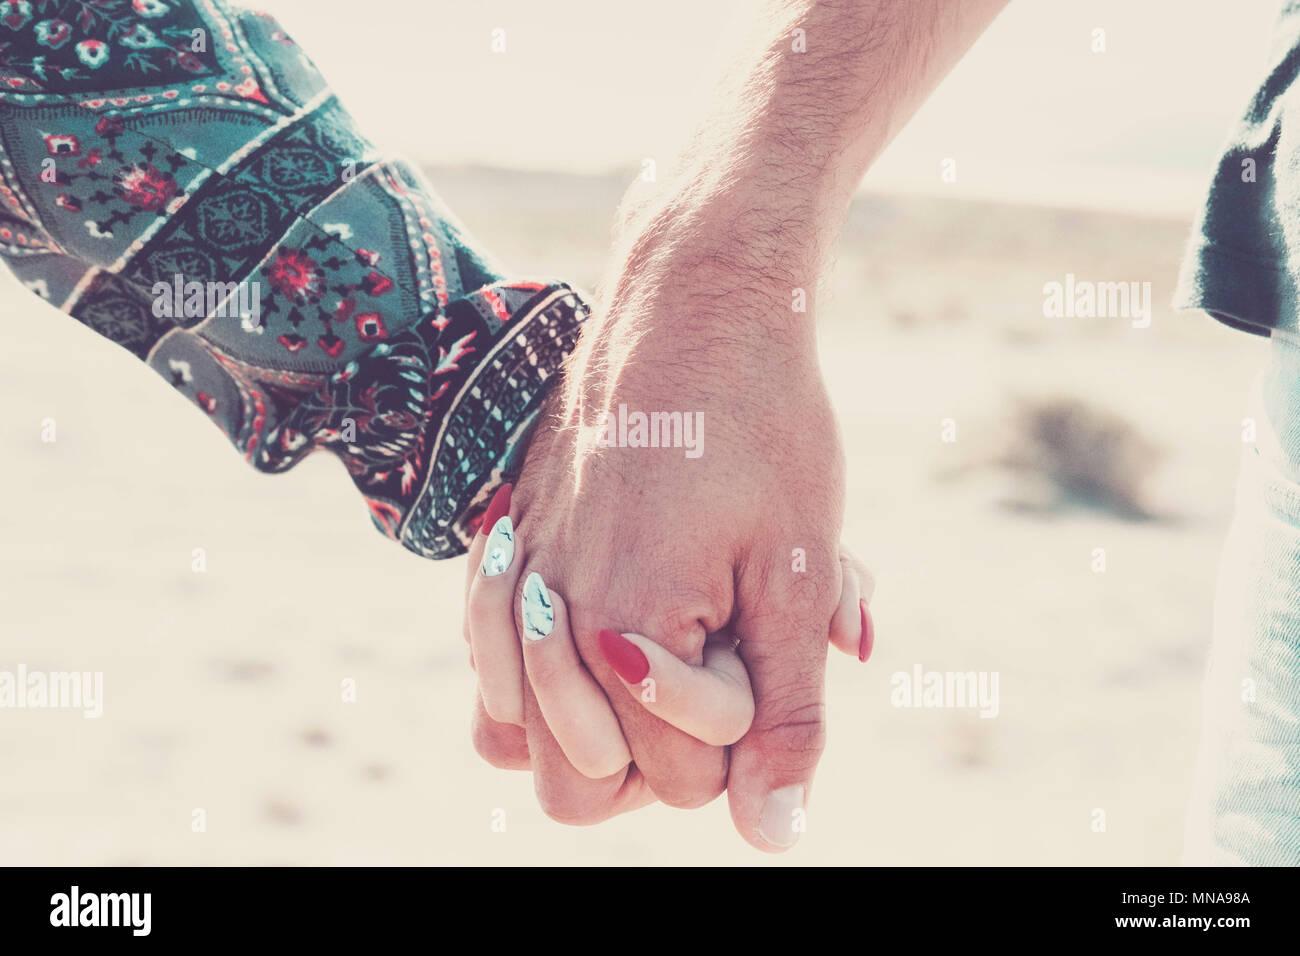 L'amour pour toujours ensemble concept avec une paire de mains des jeunes de race blanche dans ses bras et toucher dans la lumière du soleil. l'heure d'été et vacances couleurs vintage mode nouveau. Photo Stock